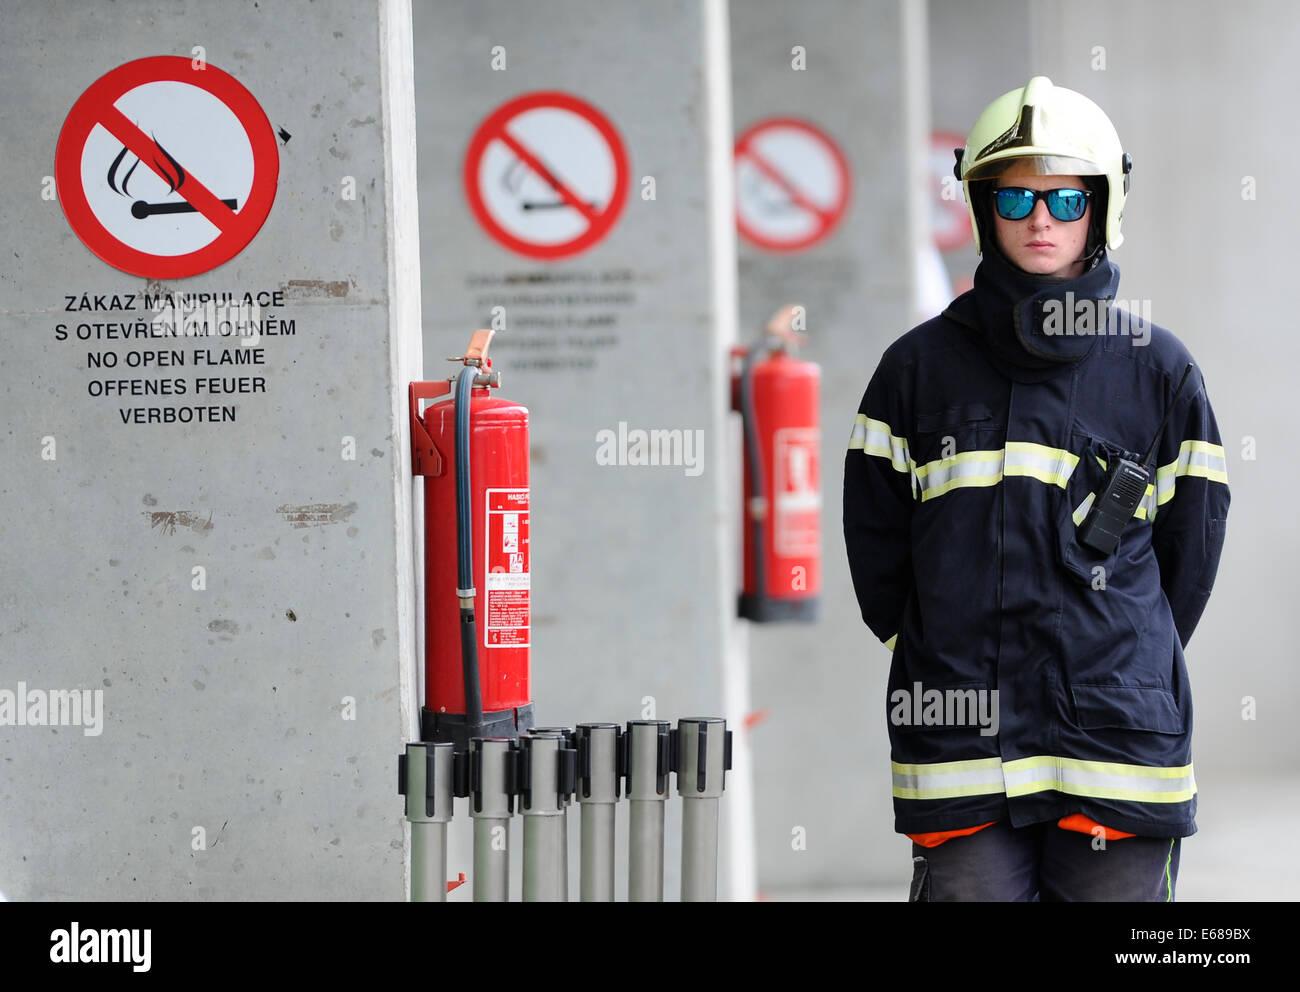 Czech fireman